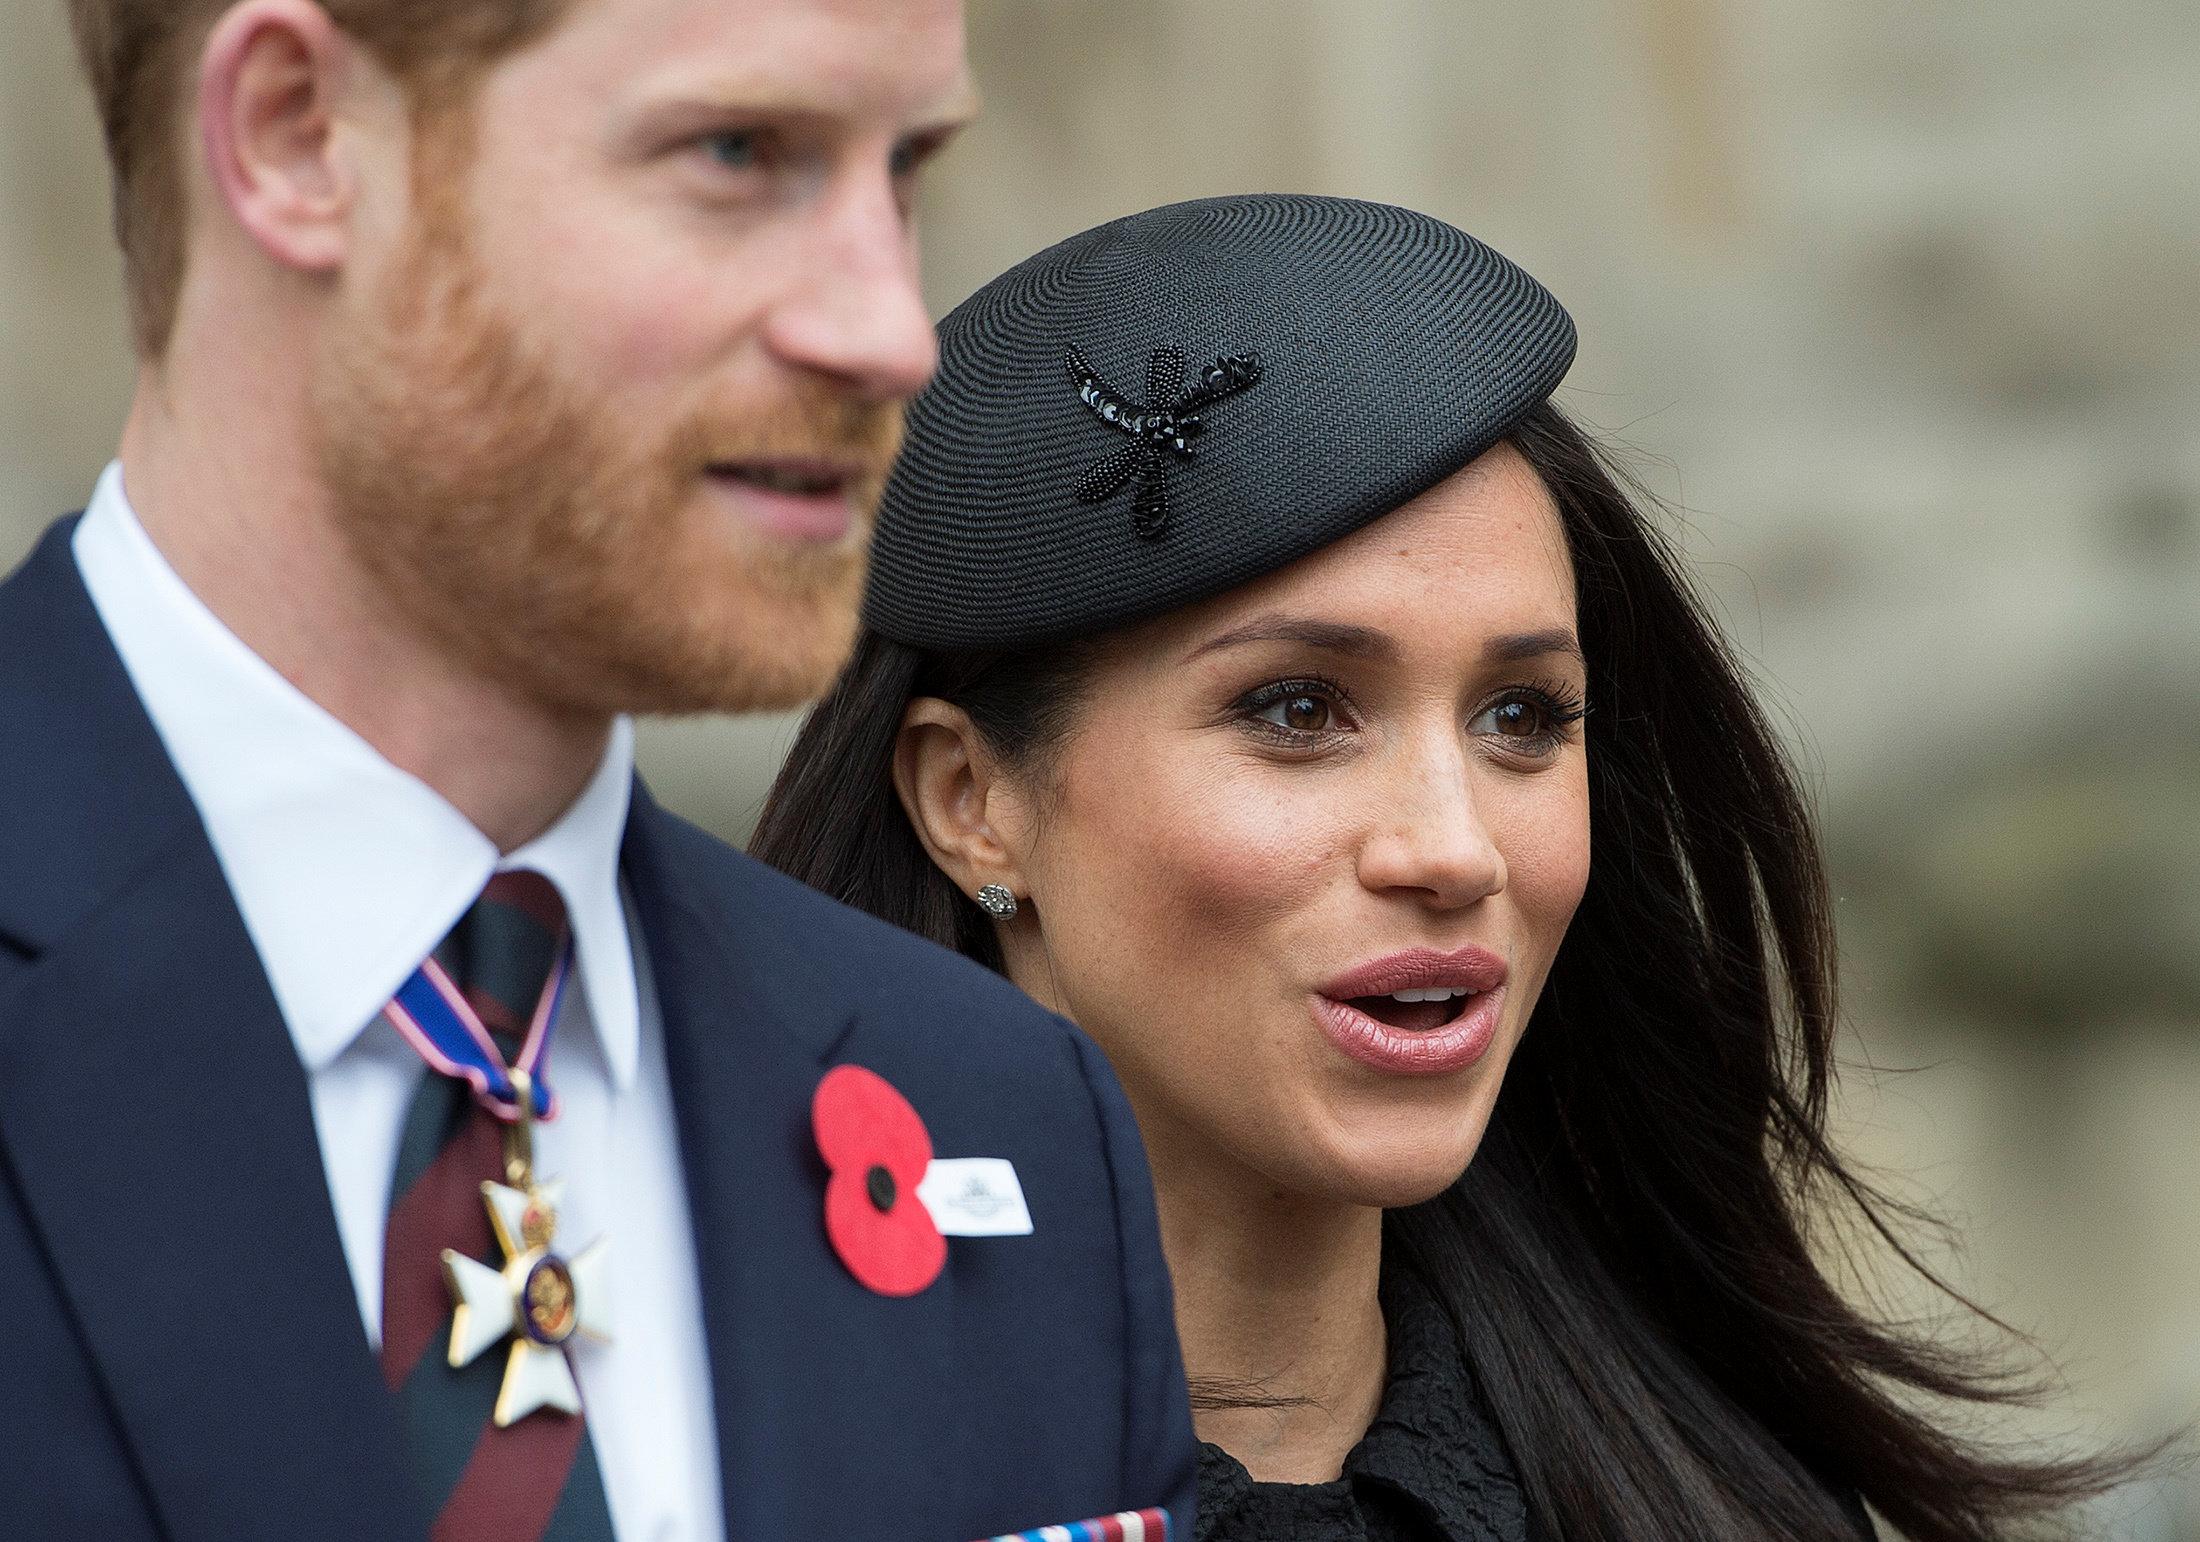 Hochzeit der Royals: Dieser absurde Brauch ist eine Demütigung für Frauen